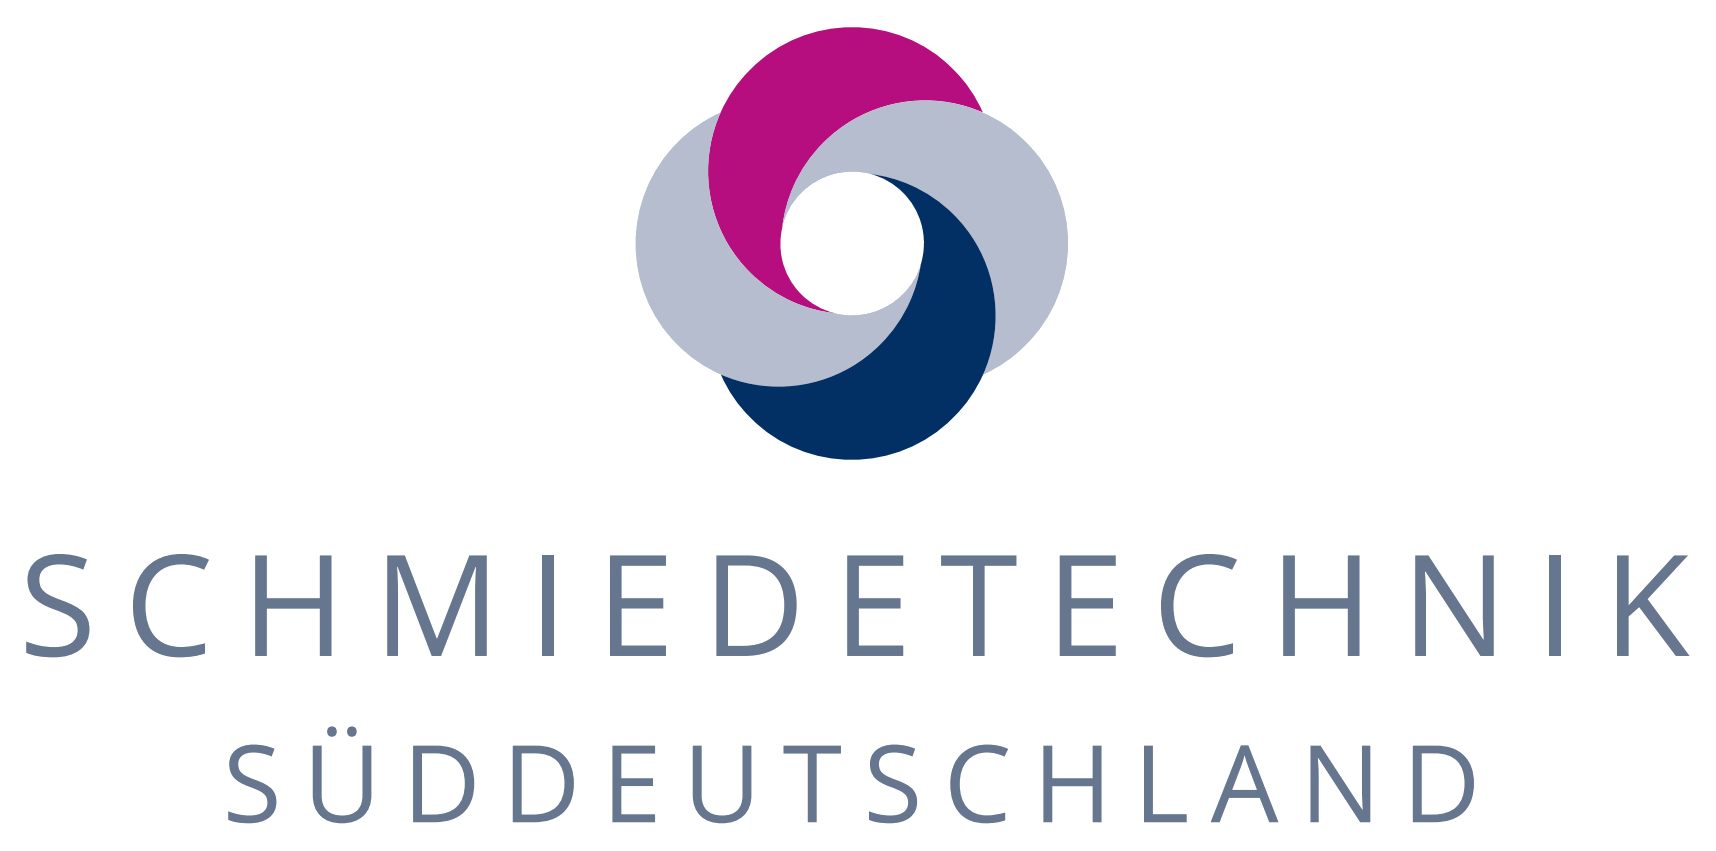 Schmiedetechnik Süddeutschland GmbH Logo